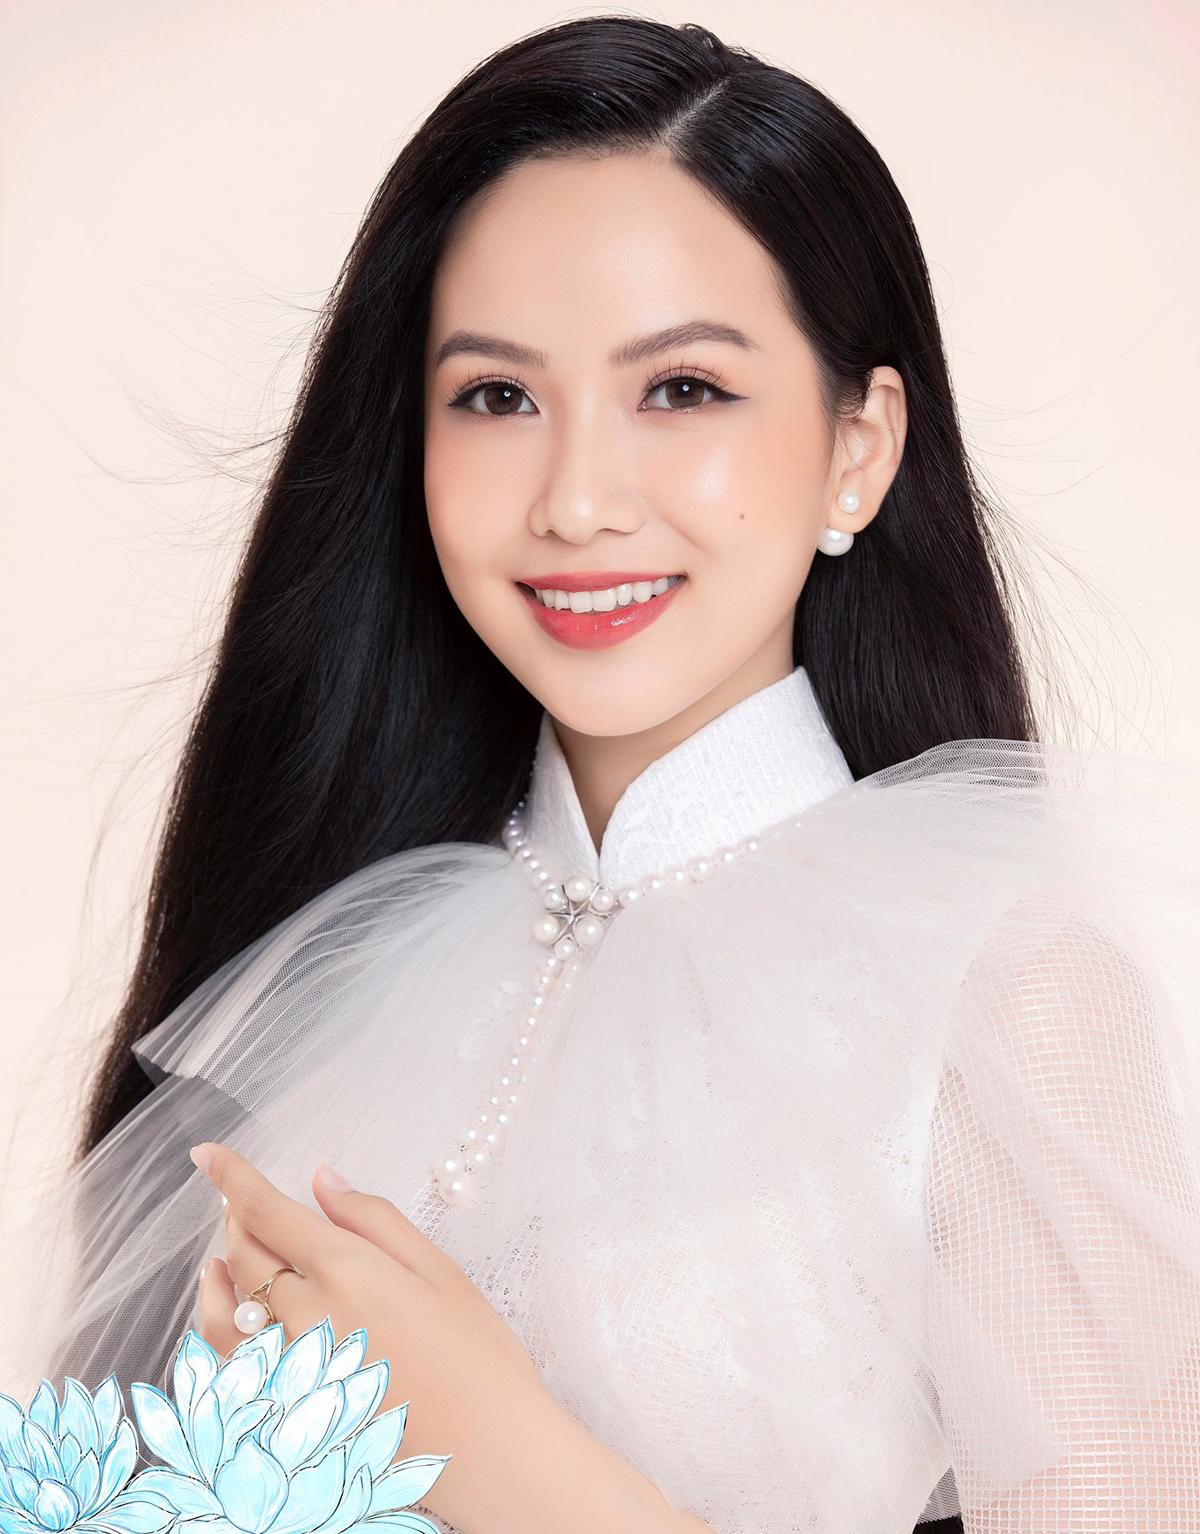 Phạm Thị Phương Quỳnh vào top 5, đoạt giải phụ Người đẹp có làn da đẹp nhất.